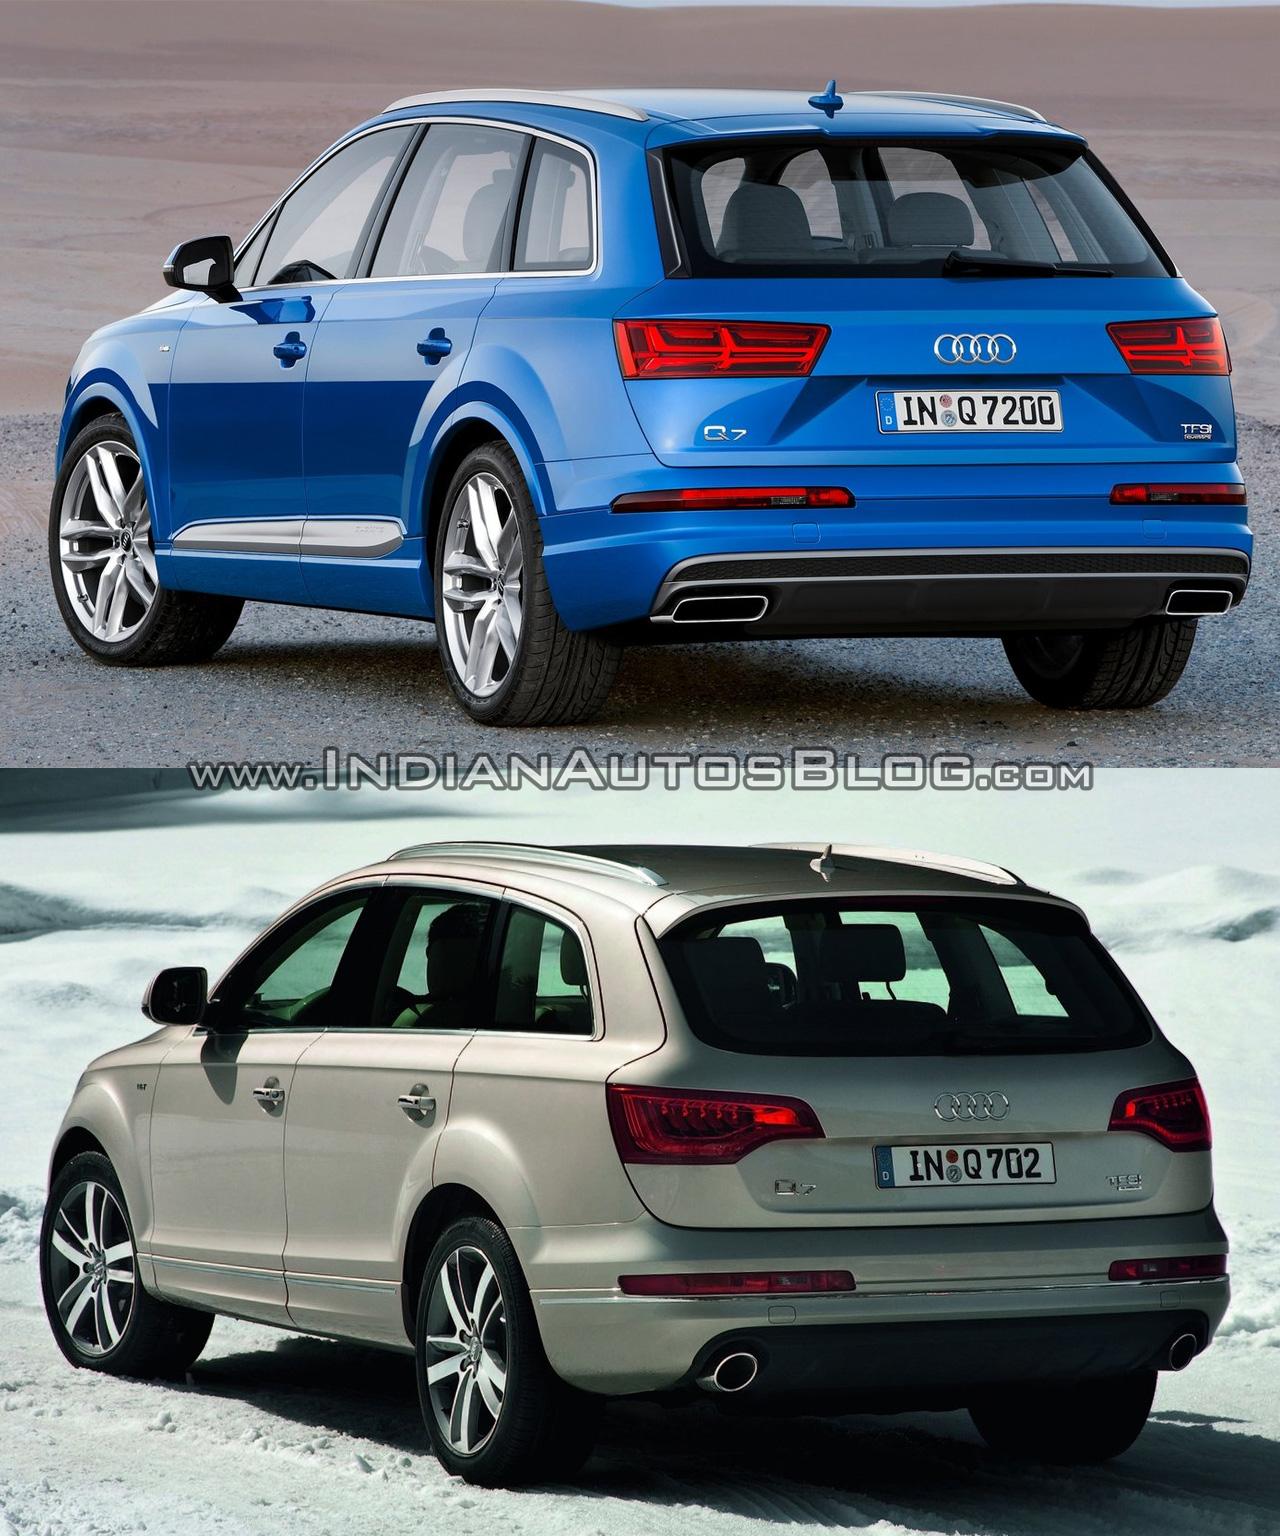 2016 Audi Q7 Vs 2012 Audi Q7